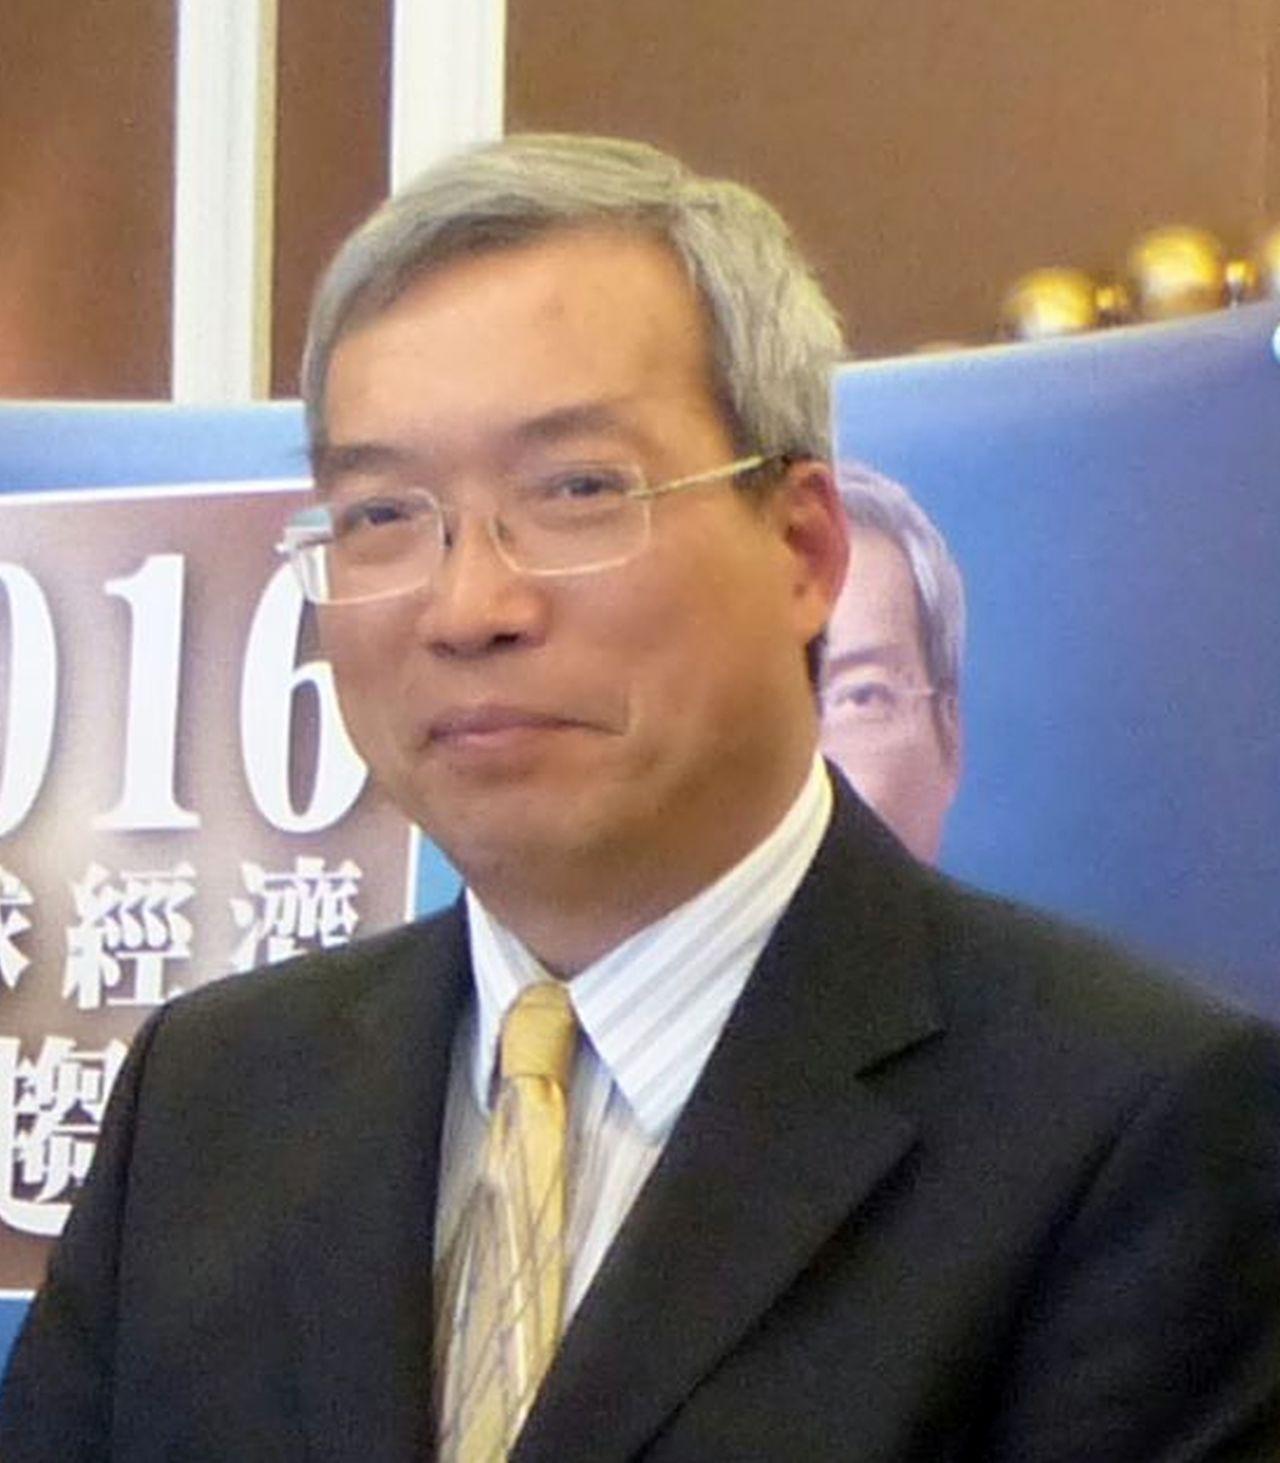 財經專家謝金河今天指出,今年大量熱錢湧入台灣,預期股市、房市雙漲。圖/報系資料照